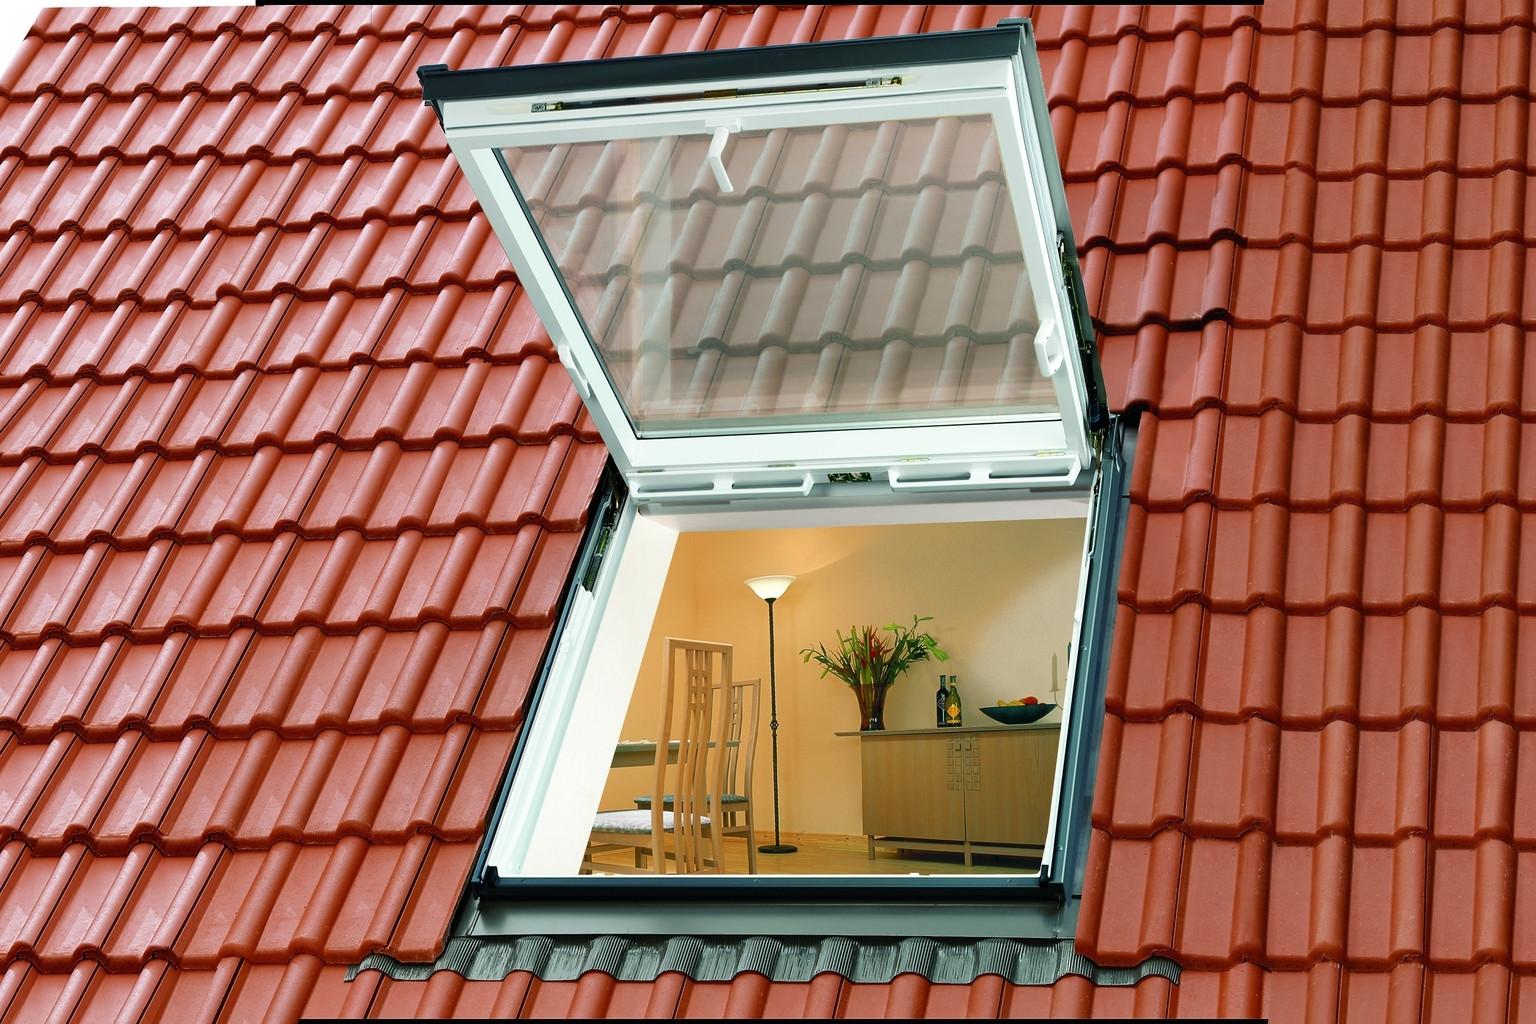 Full Size of Velux Fenster Preise Dachfenster Einbau Preisliste 2019 Preis Mit 2018 Einbauen Hornbach Angebote Velugtu 0066 Energie Plus Dachausstieg Online Kaufen Bausepde Fenster Velux Fenster Preise